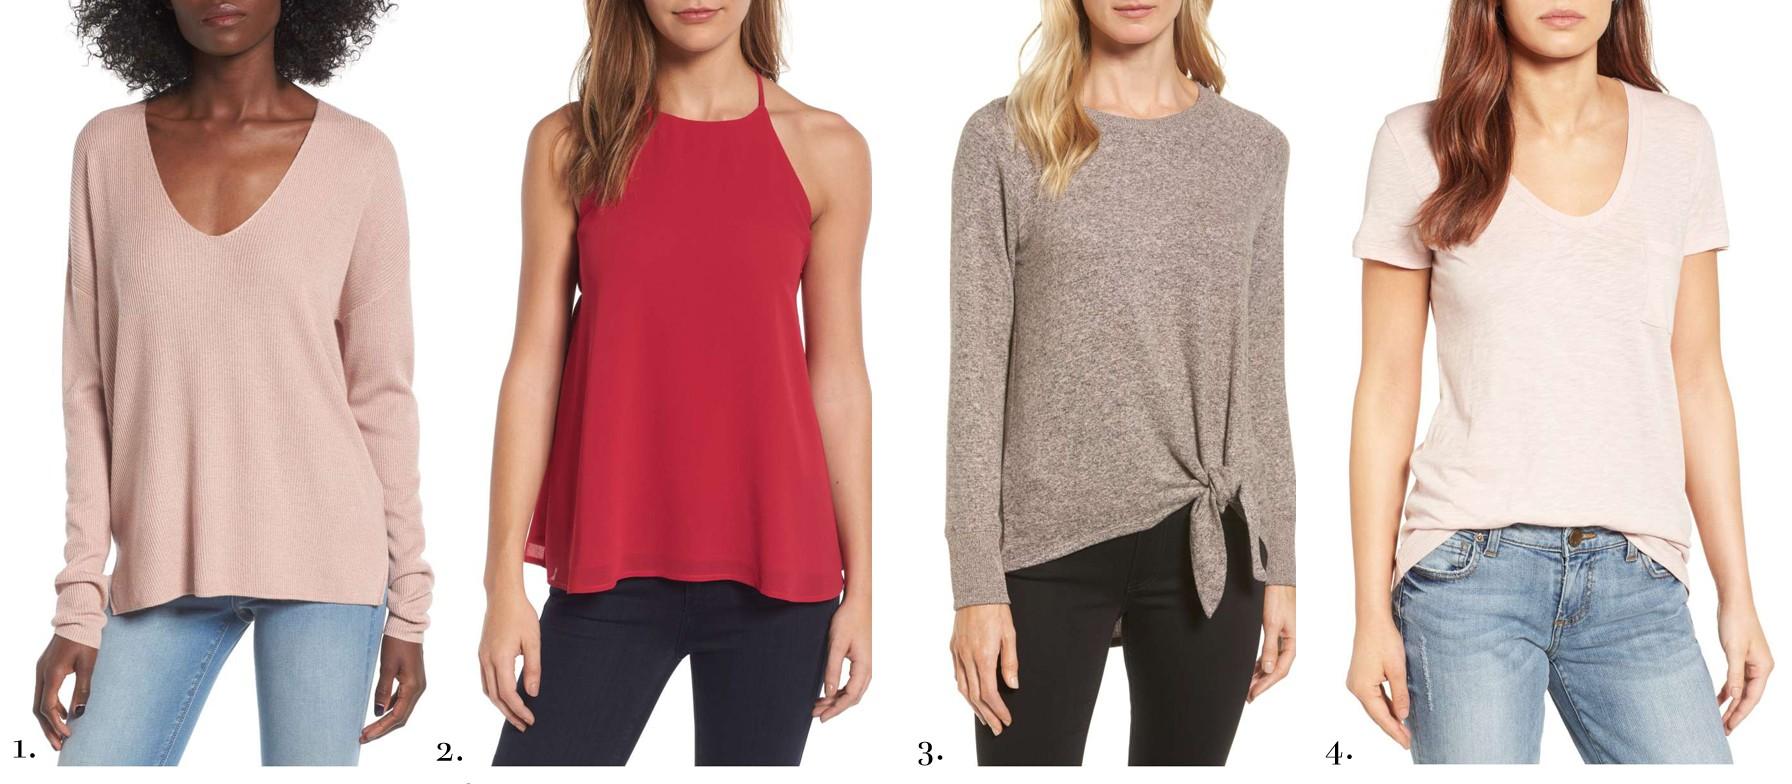 6ba96ba79c3d66 1. BP V Neck Sweater    2. Red Tank    3. Gibson Tie Sweater    4. Dusky  Pink T-Shirt